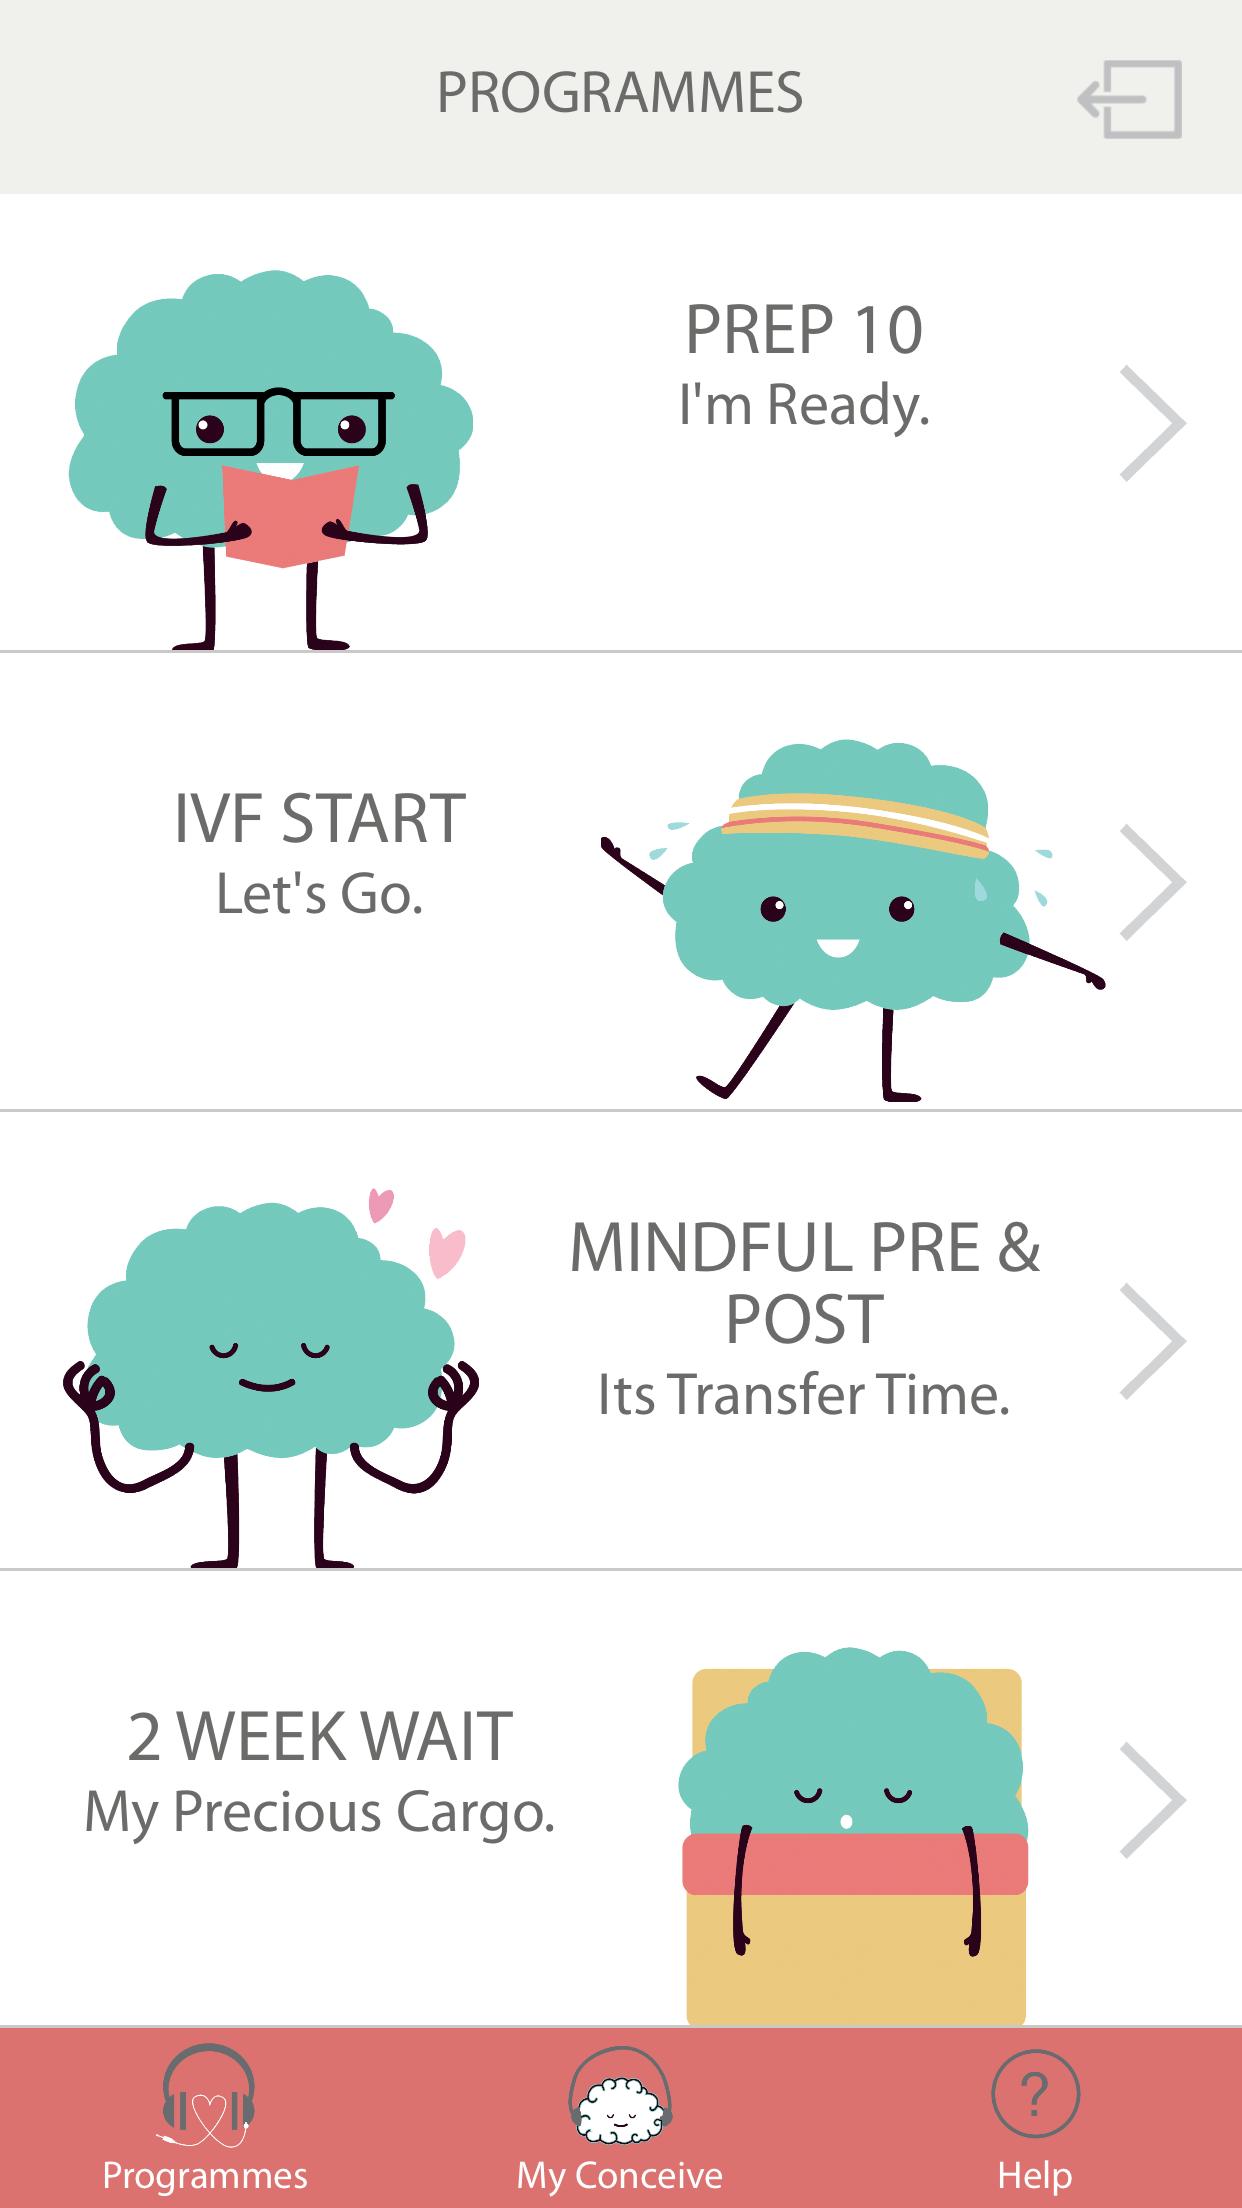 Mindful IVF